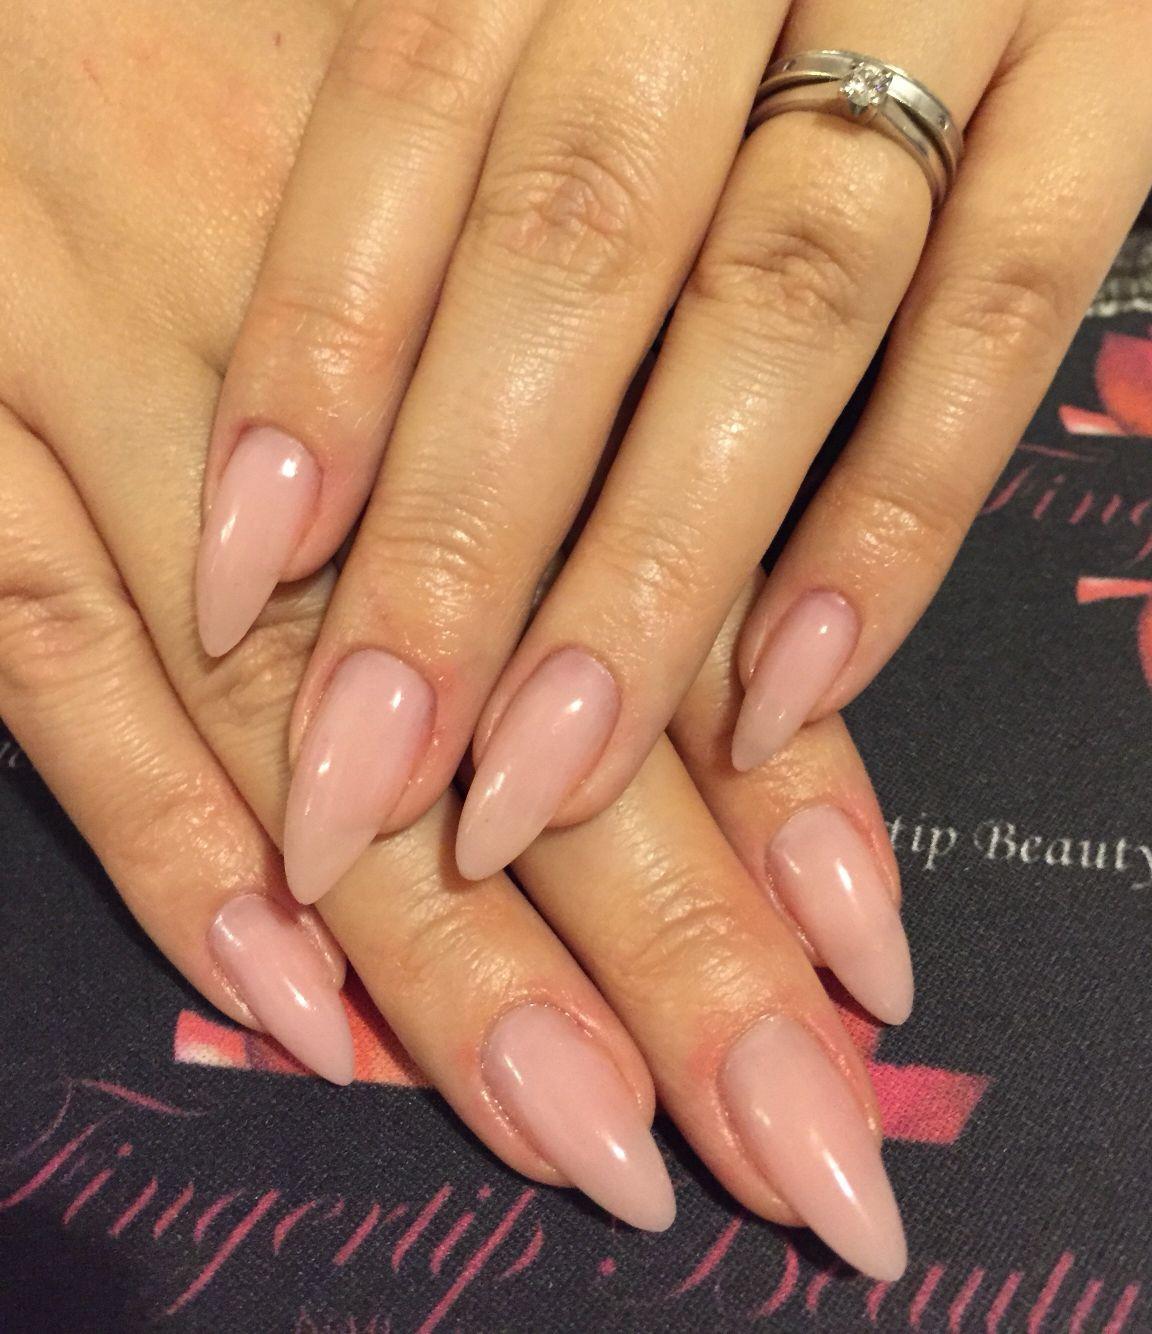 Nageldesign Natürliche Nägel  Natural gel overlays nails Nails